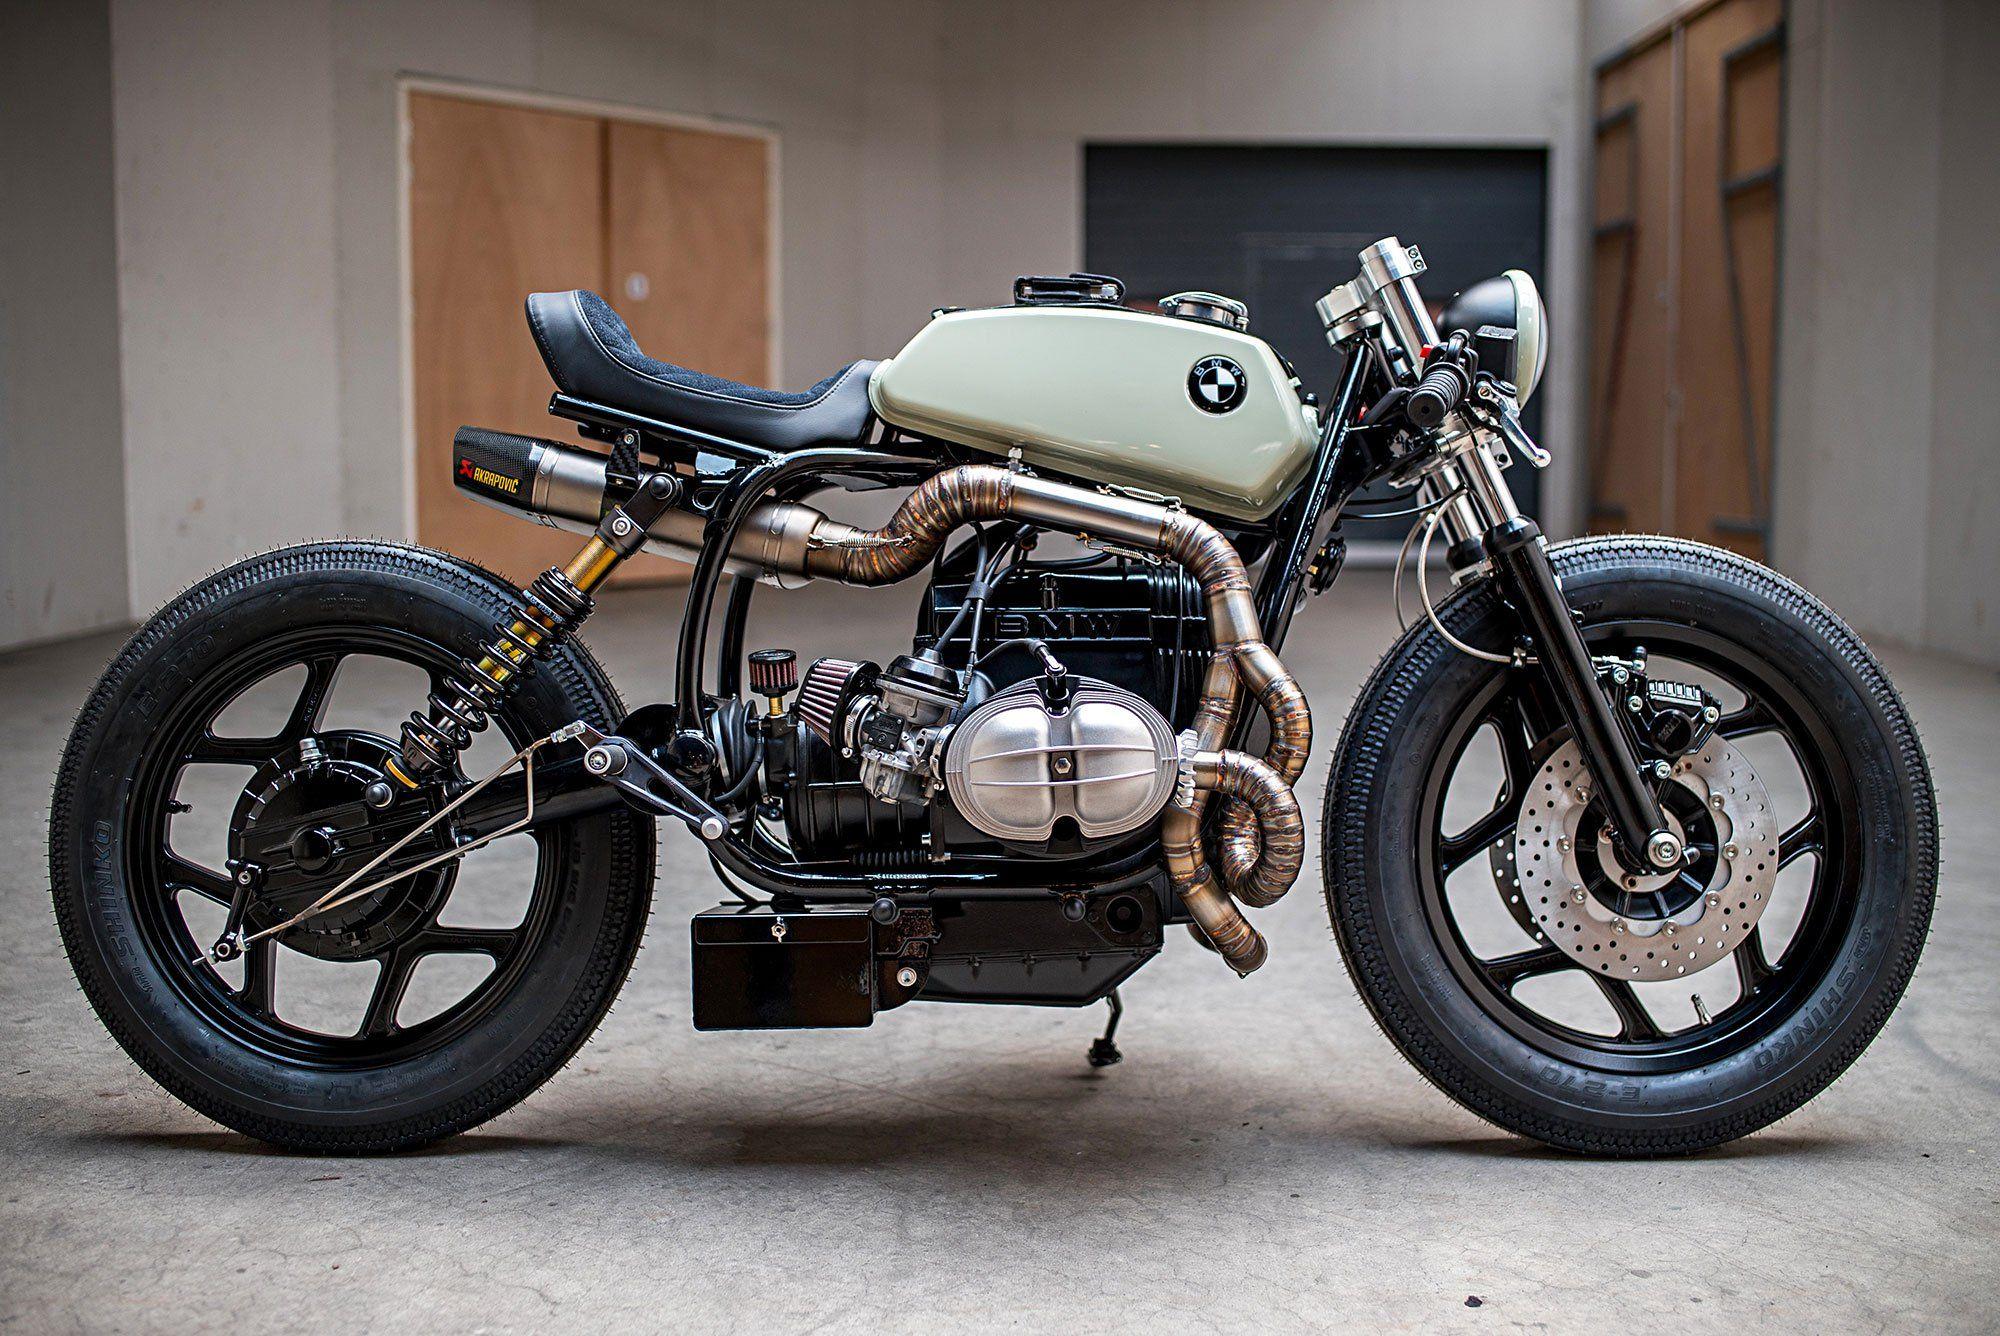 1985 Bmw R80 Mutant By Ironwood Custom Motorcycles Custom Bmw